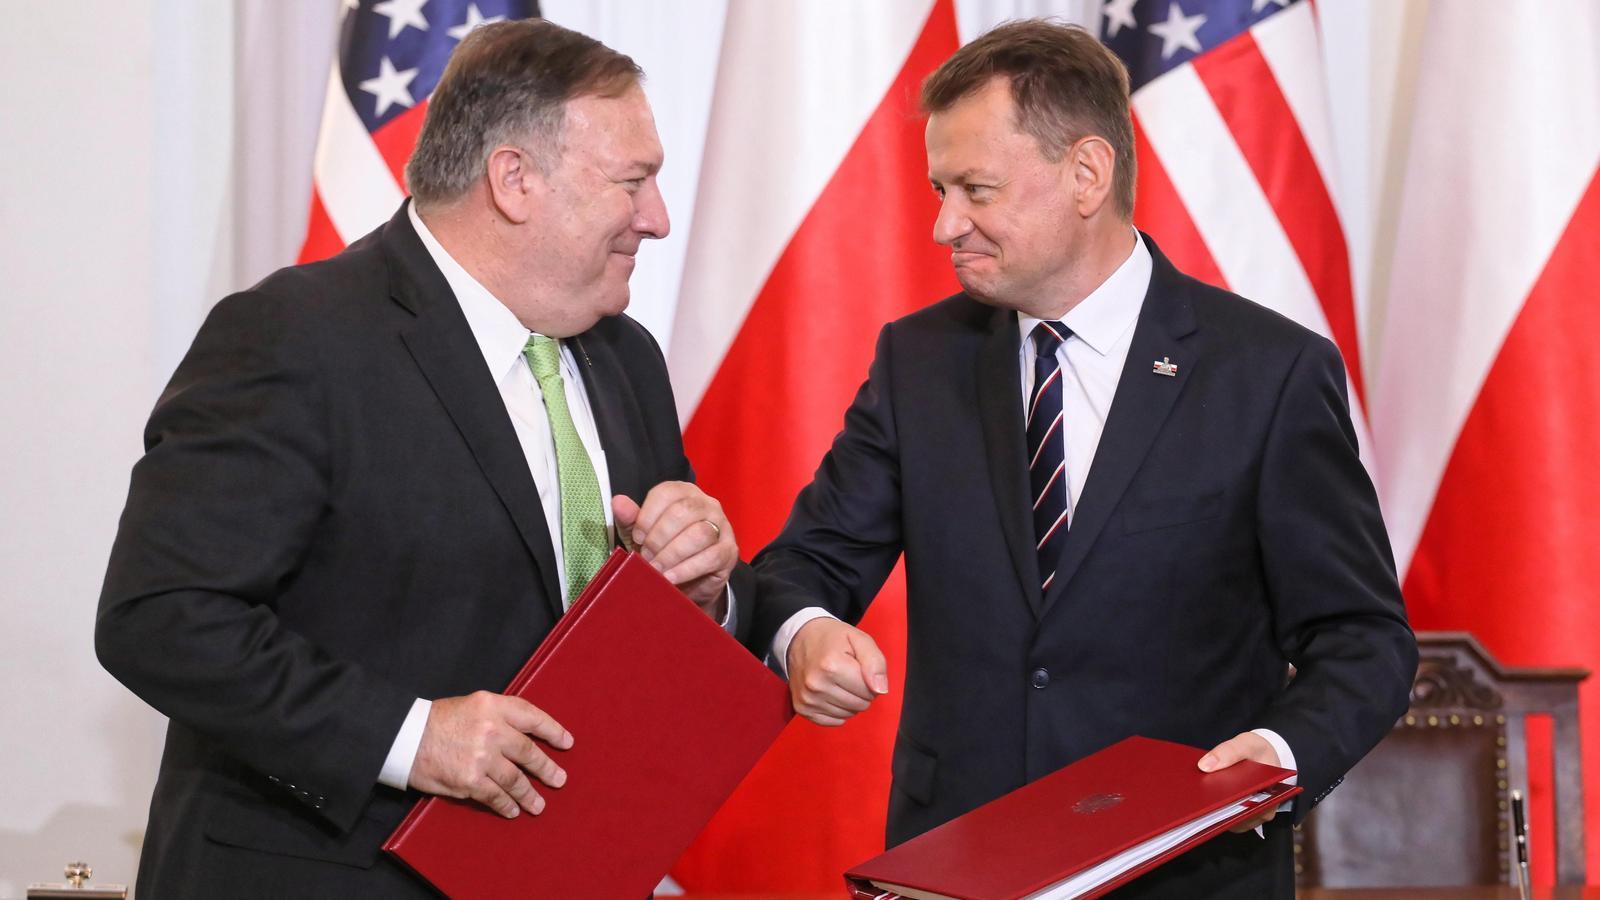 El secretari d'Estat nord-amercià, Mike Pompeo, i el ministre polonès de Defensa, Mariusz Blaszczak, després de la signatura de l'acord